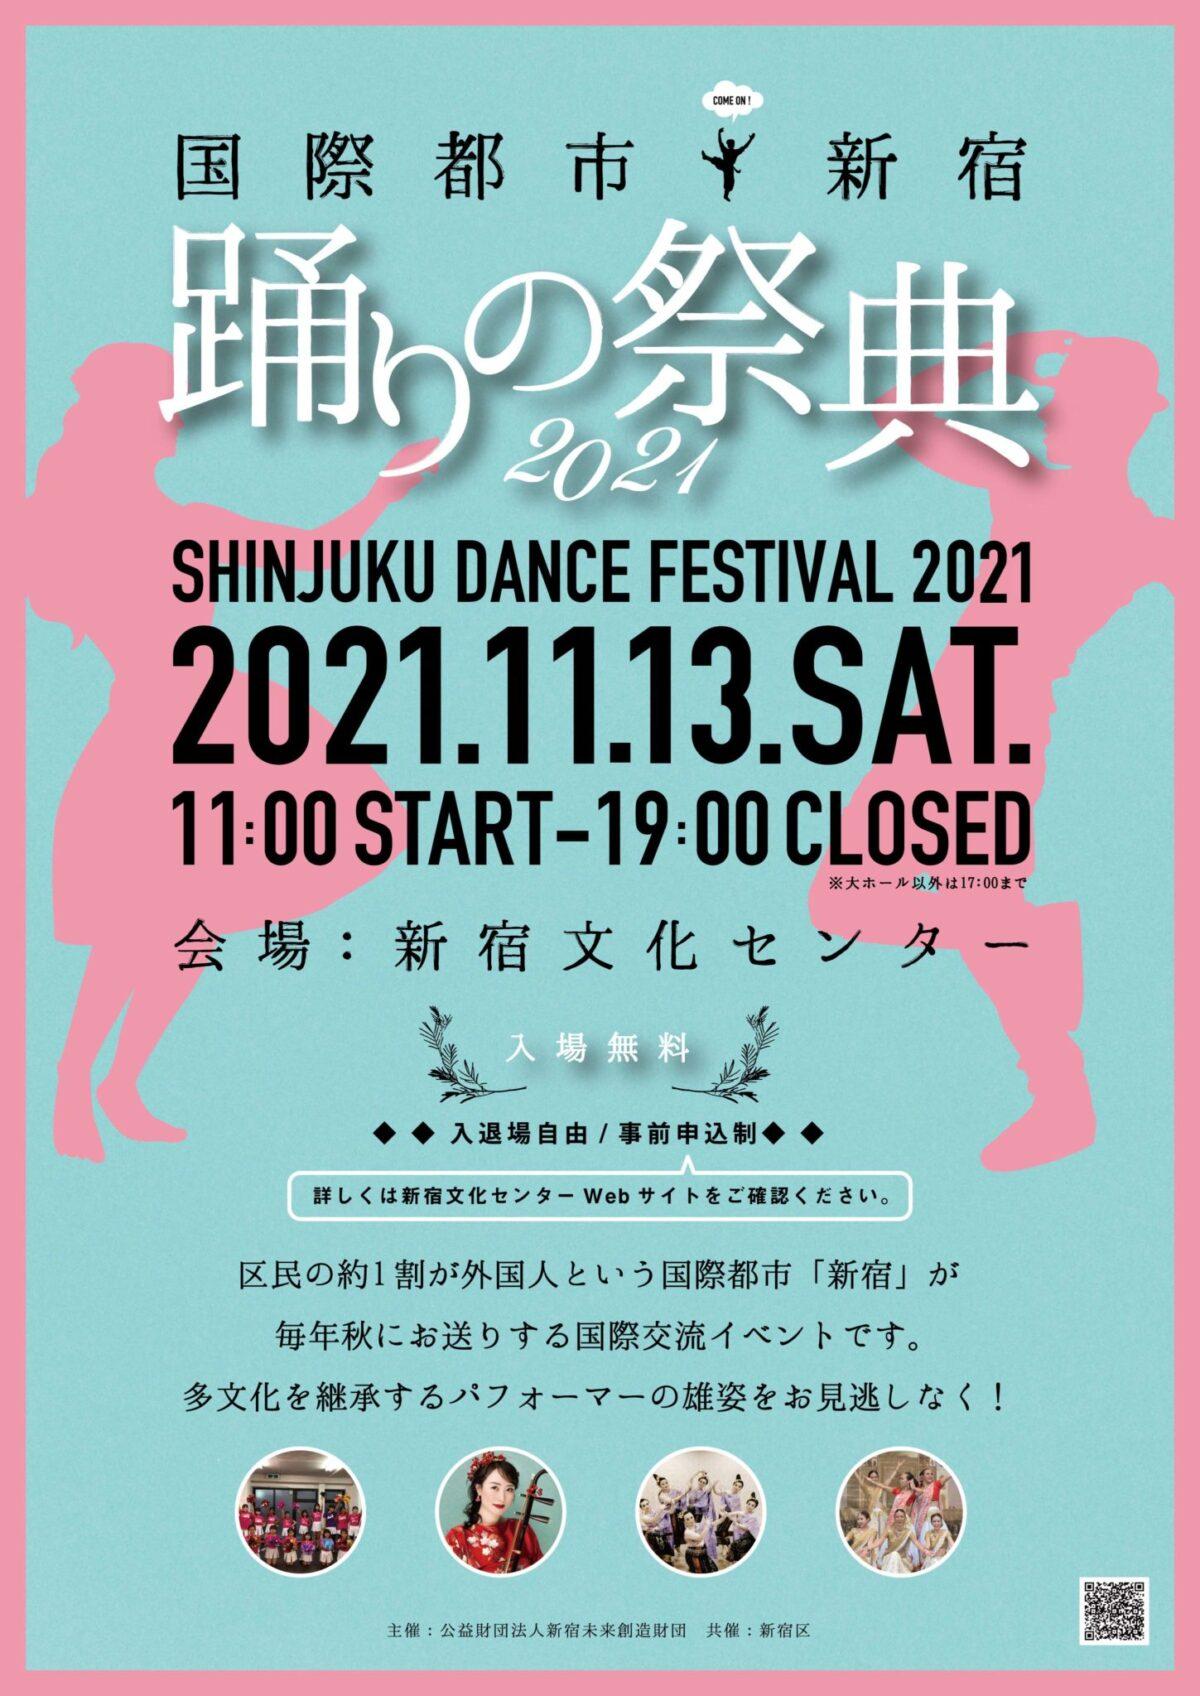 2021年11月13日(土) 国際都市新宿・踊りの祭典2021@新宿文化センター